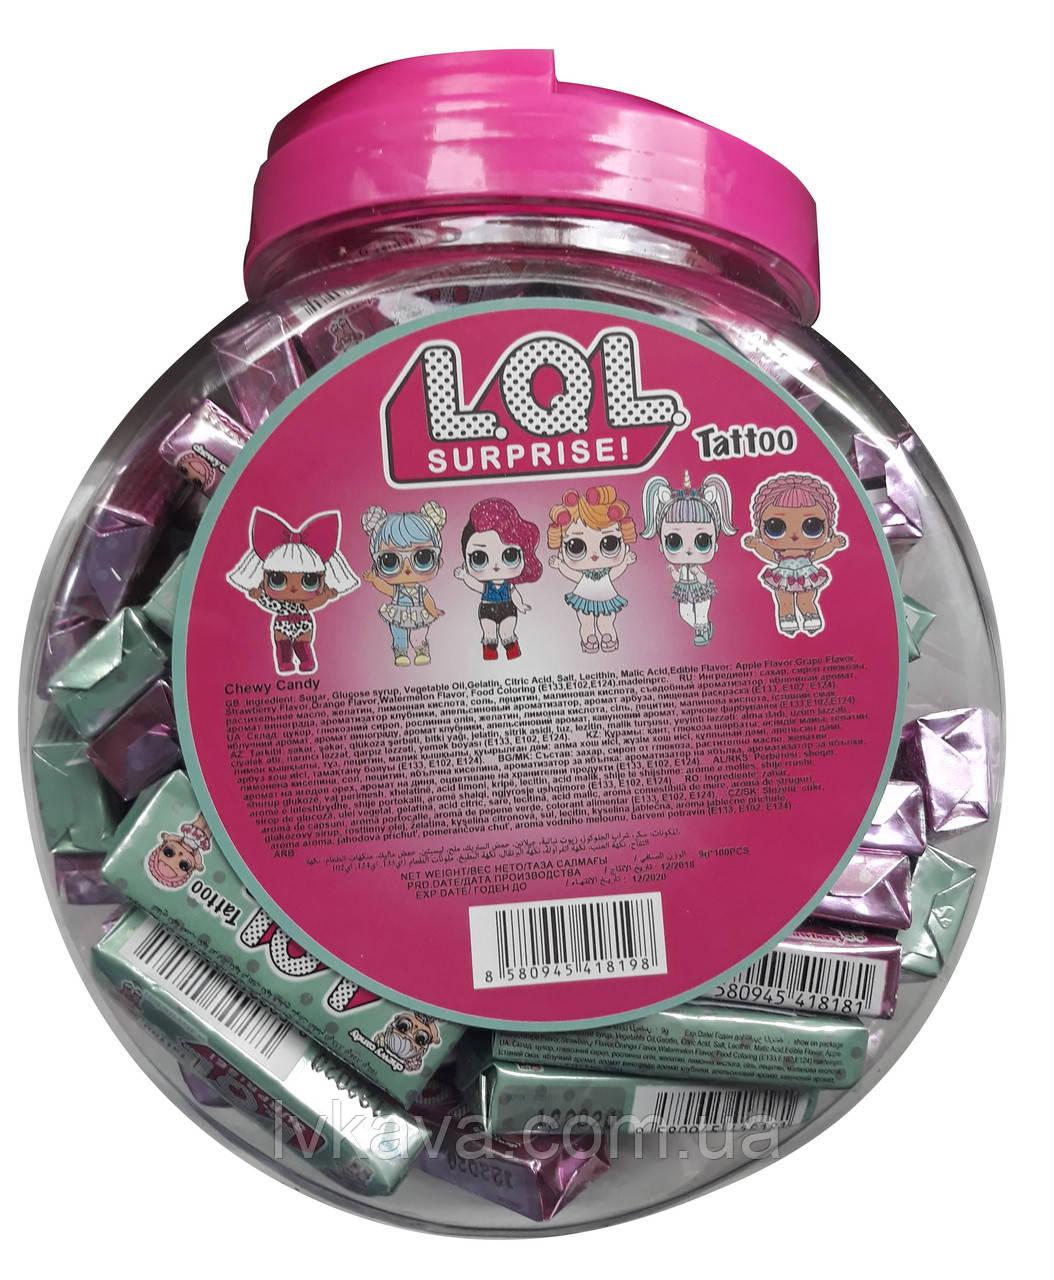 Жевательные конфеты L.O.L. surprise! tattoo  ,  9 гр х 100 шт